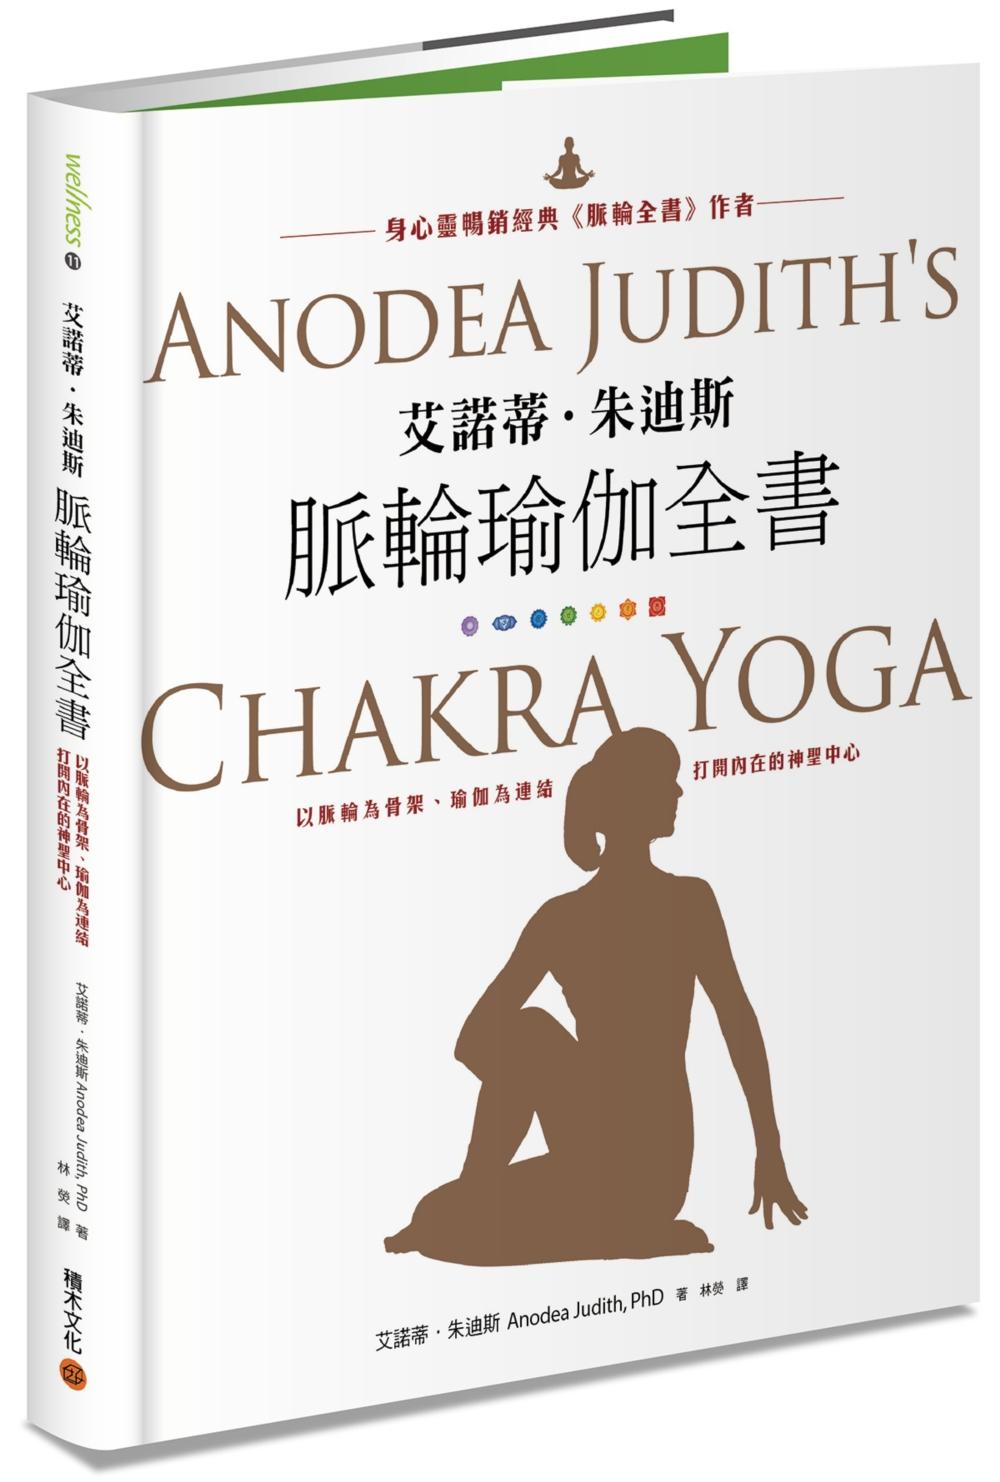 艾諾蒂.朱迪斯脈輪瑜伽全書:以脈輪為骨架、瑜伽為連結,打開內在的神聖中心